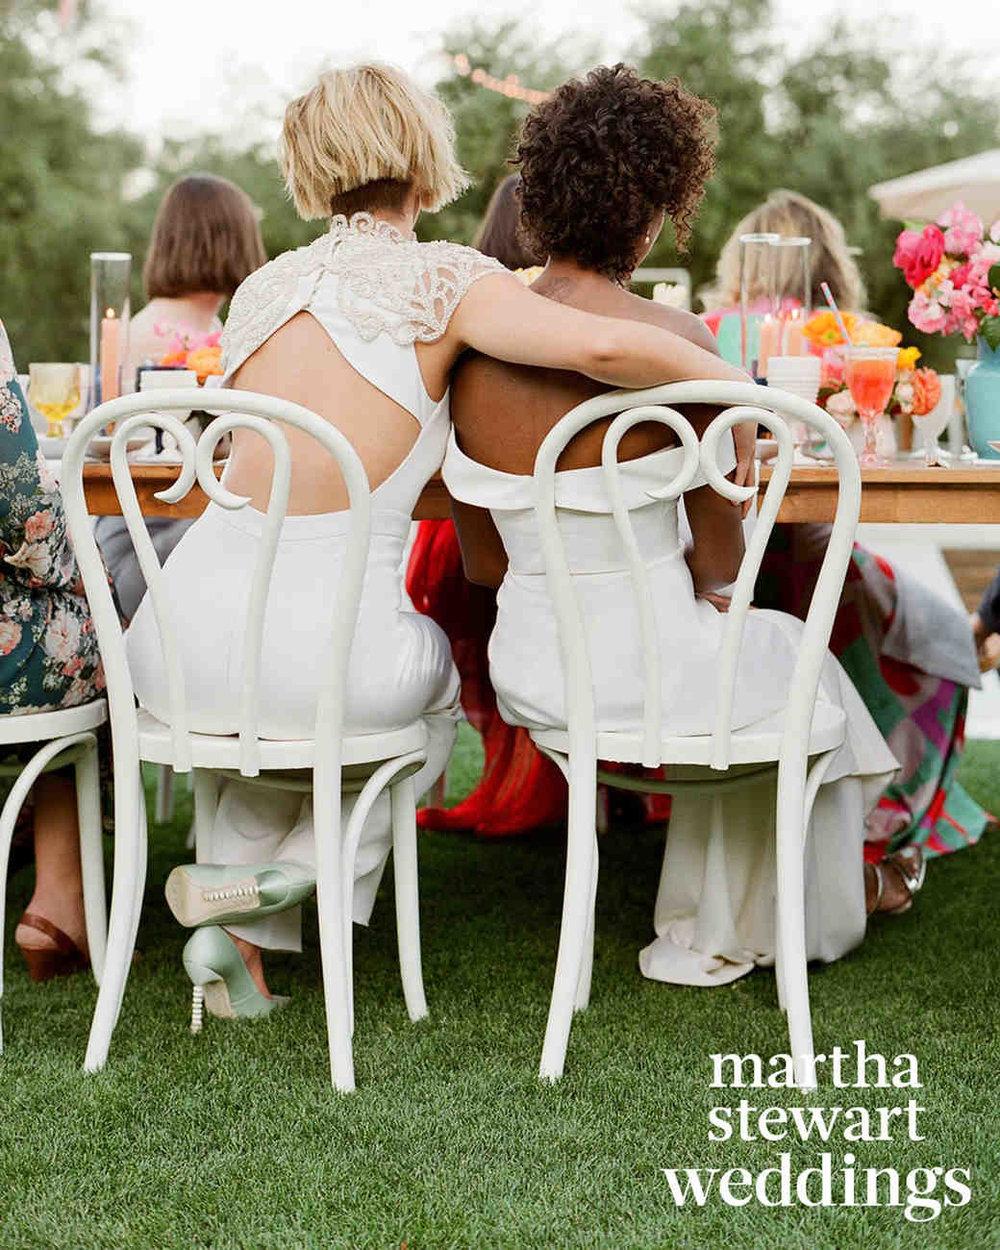 samira-wiley-lauren-morelli-wedding-toasts-311-6328713-103018702_vert.jpg